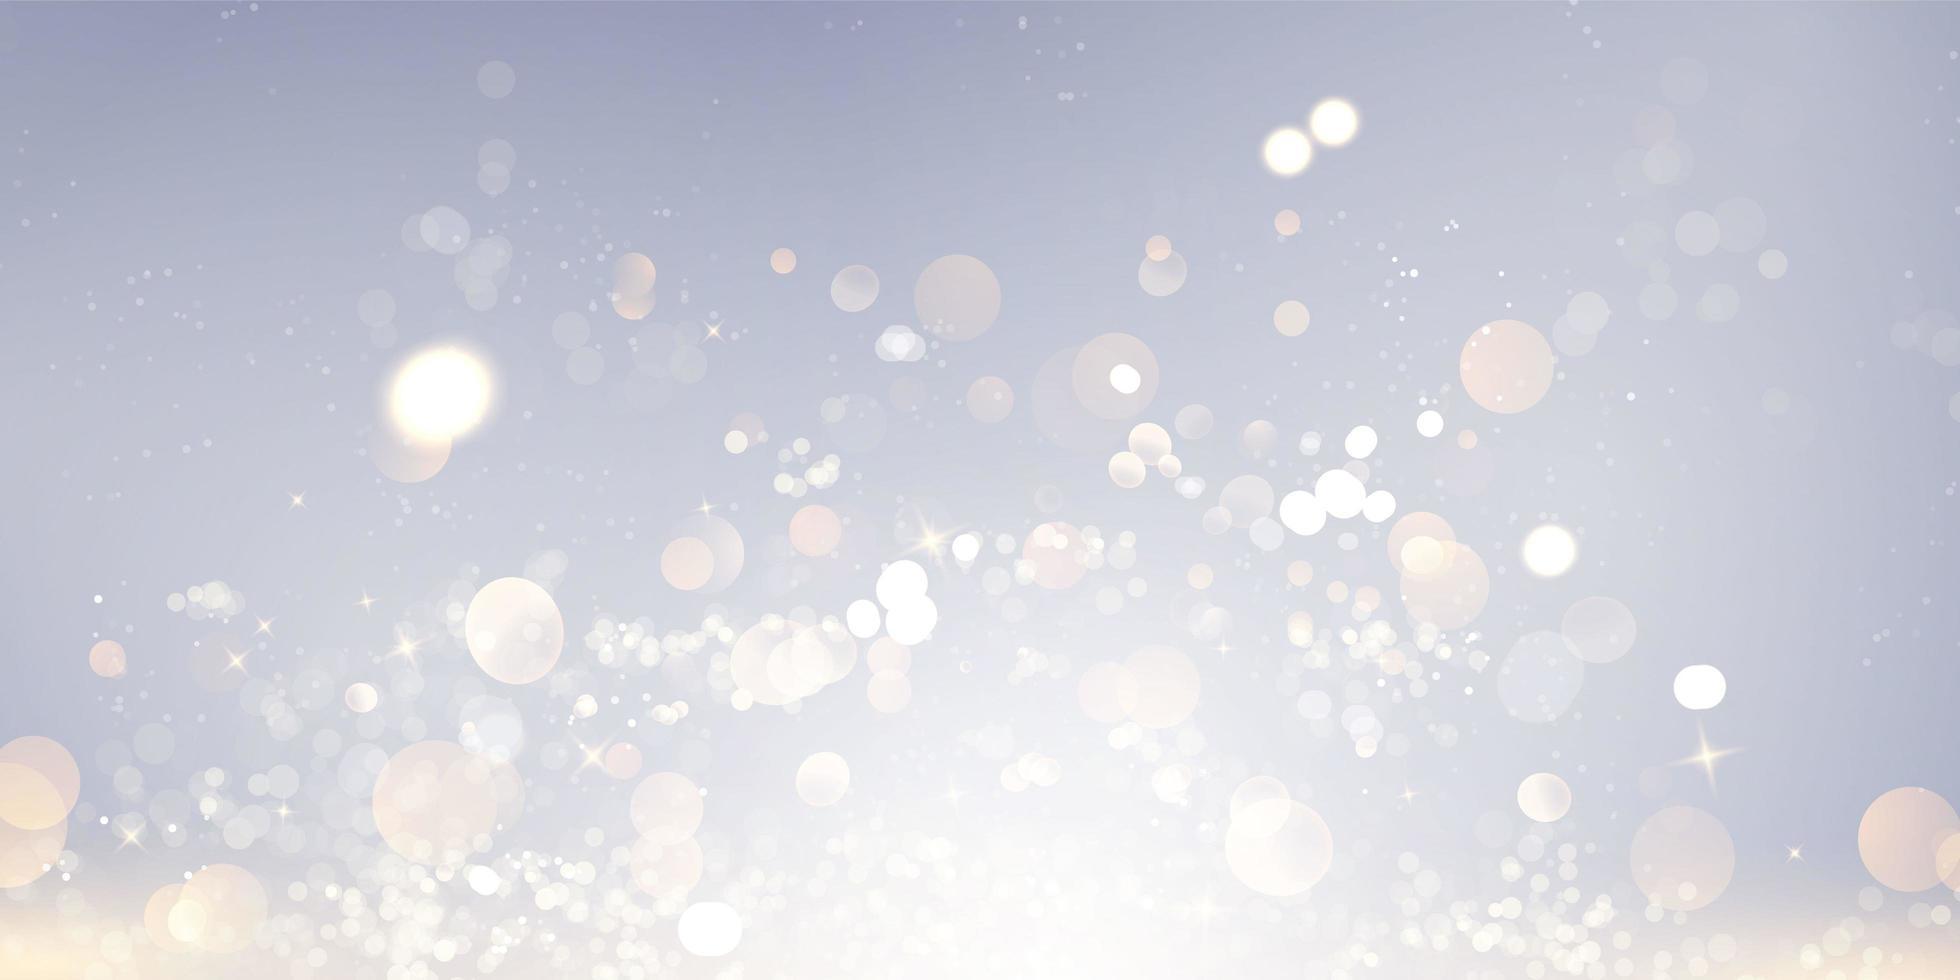 elemento de luz borrosa abstracta que se puede utilizar para el fondo decorativo de bokeh. vector